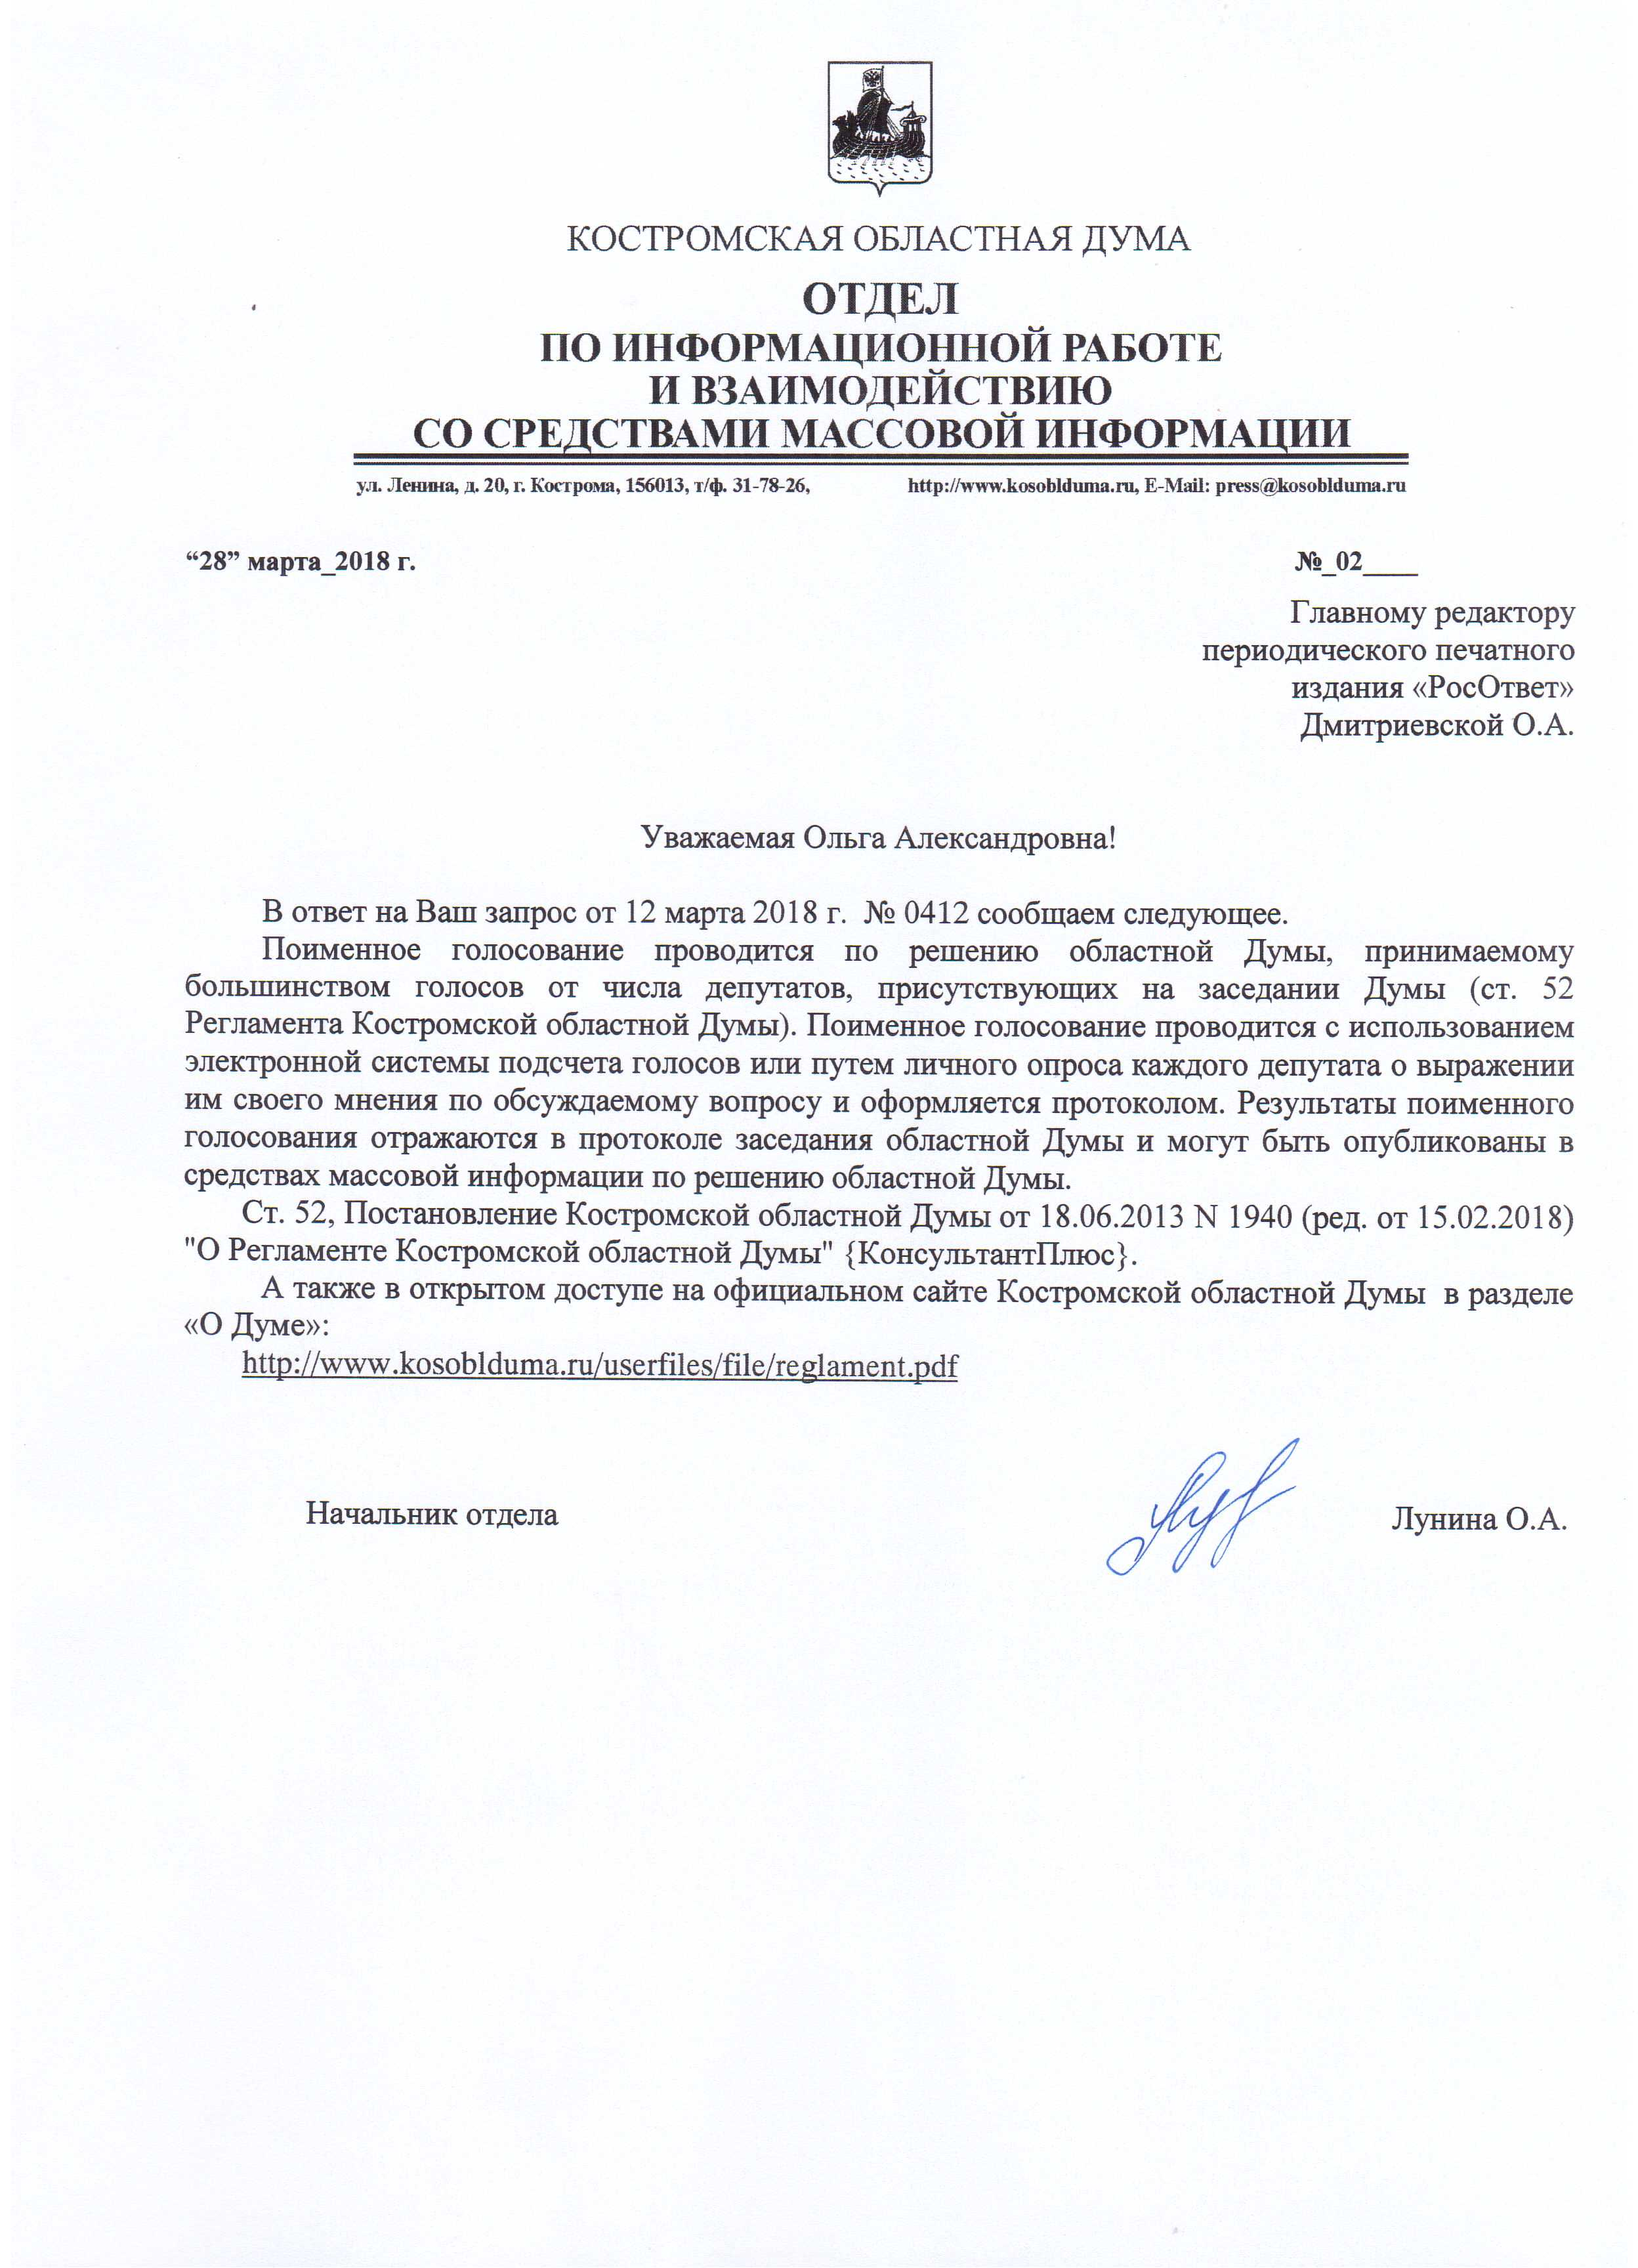 2018 Ответ из Костромской областной Думы о поименном голосовании